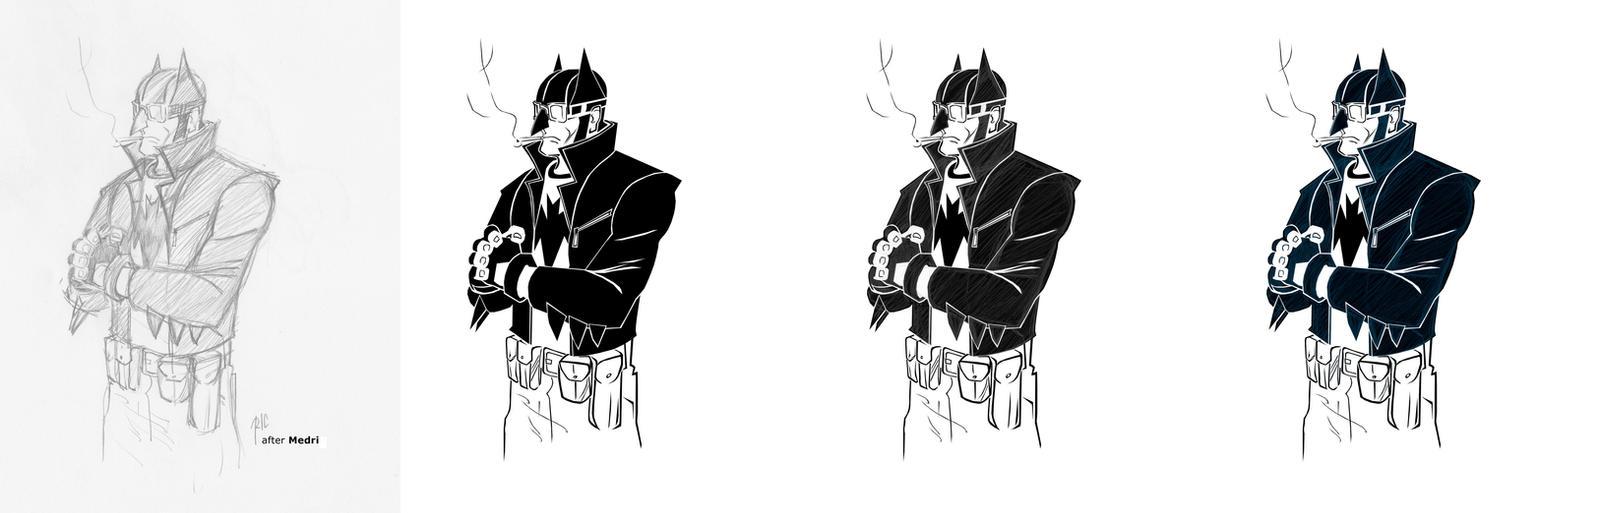 Batman Rockabilly - Evolution II by rubioric